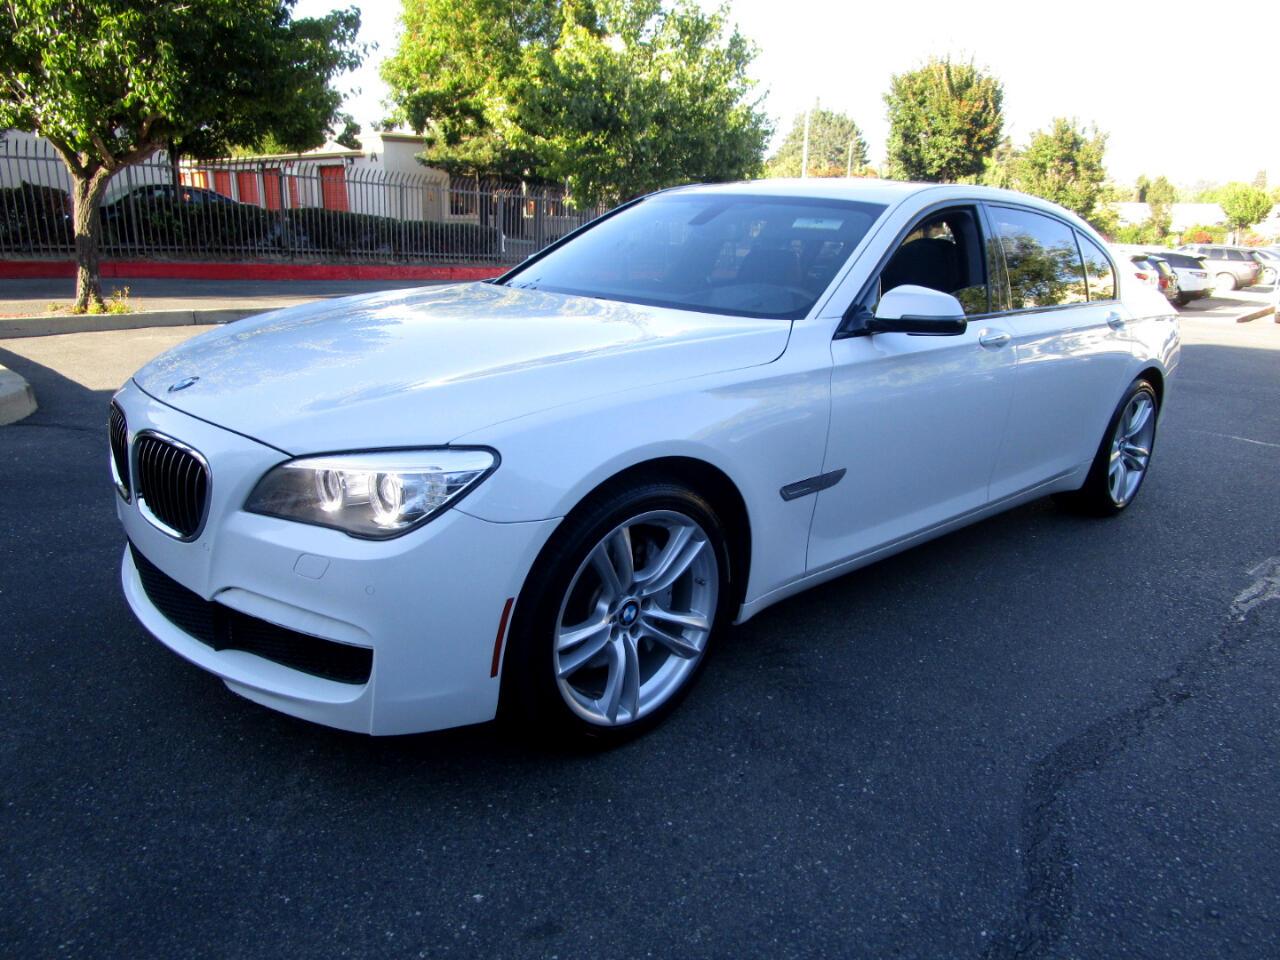 2013 BMW 740Li M SPORT-PREM PKG*HEAT-VENTED SEATS*HEADS-UP DISPLA